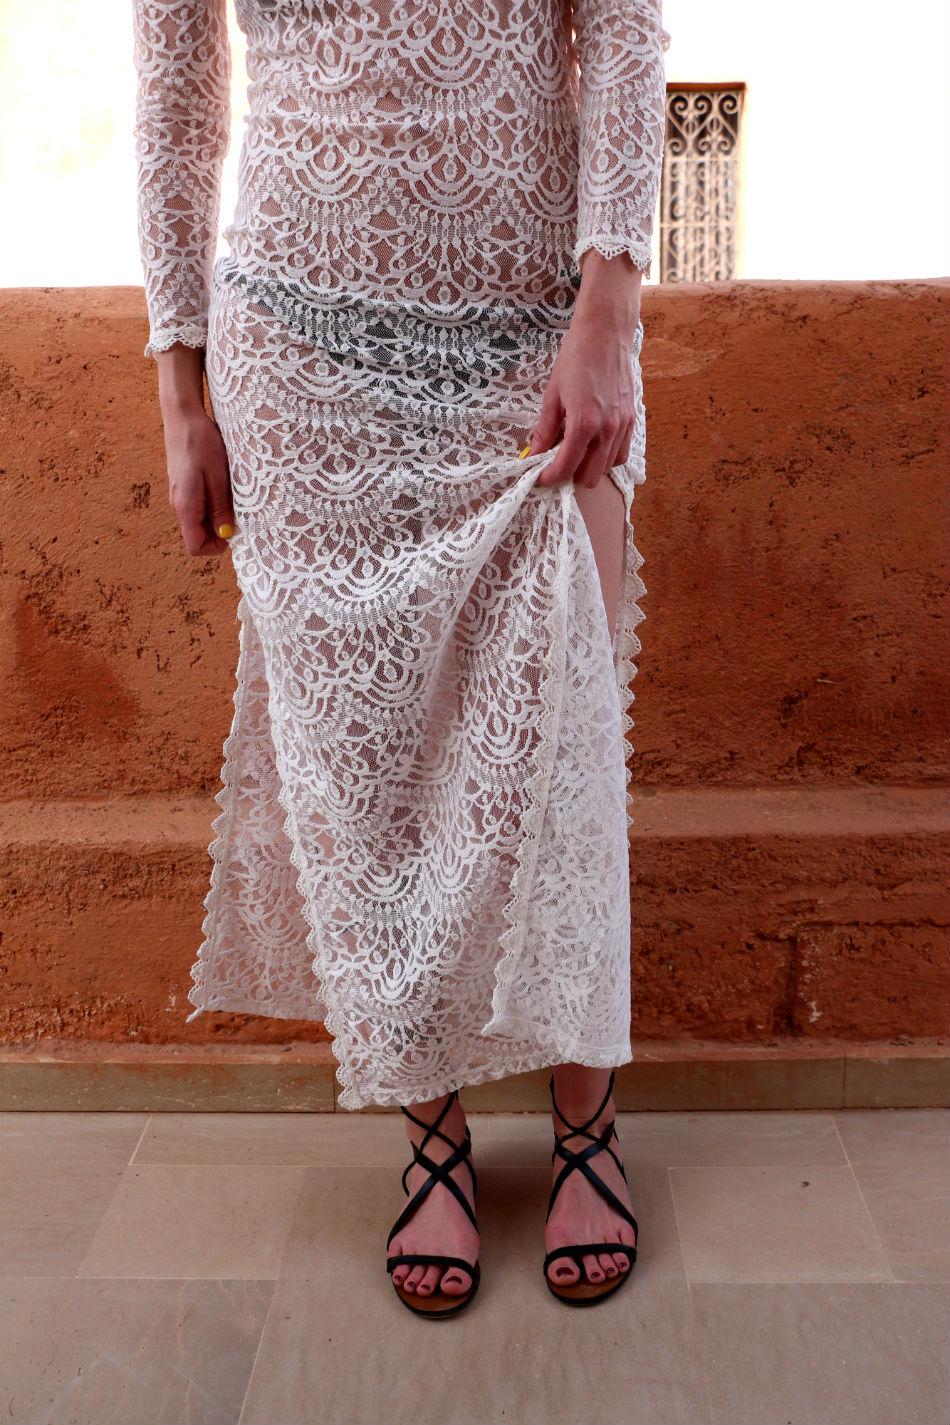 Fringe and Doll Lace dress IMG_5473